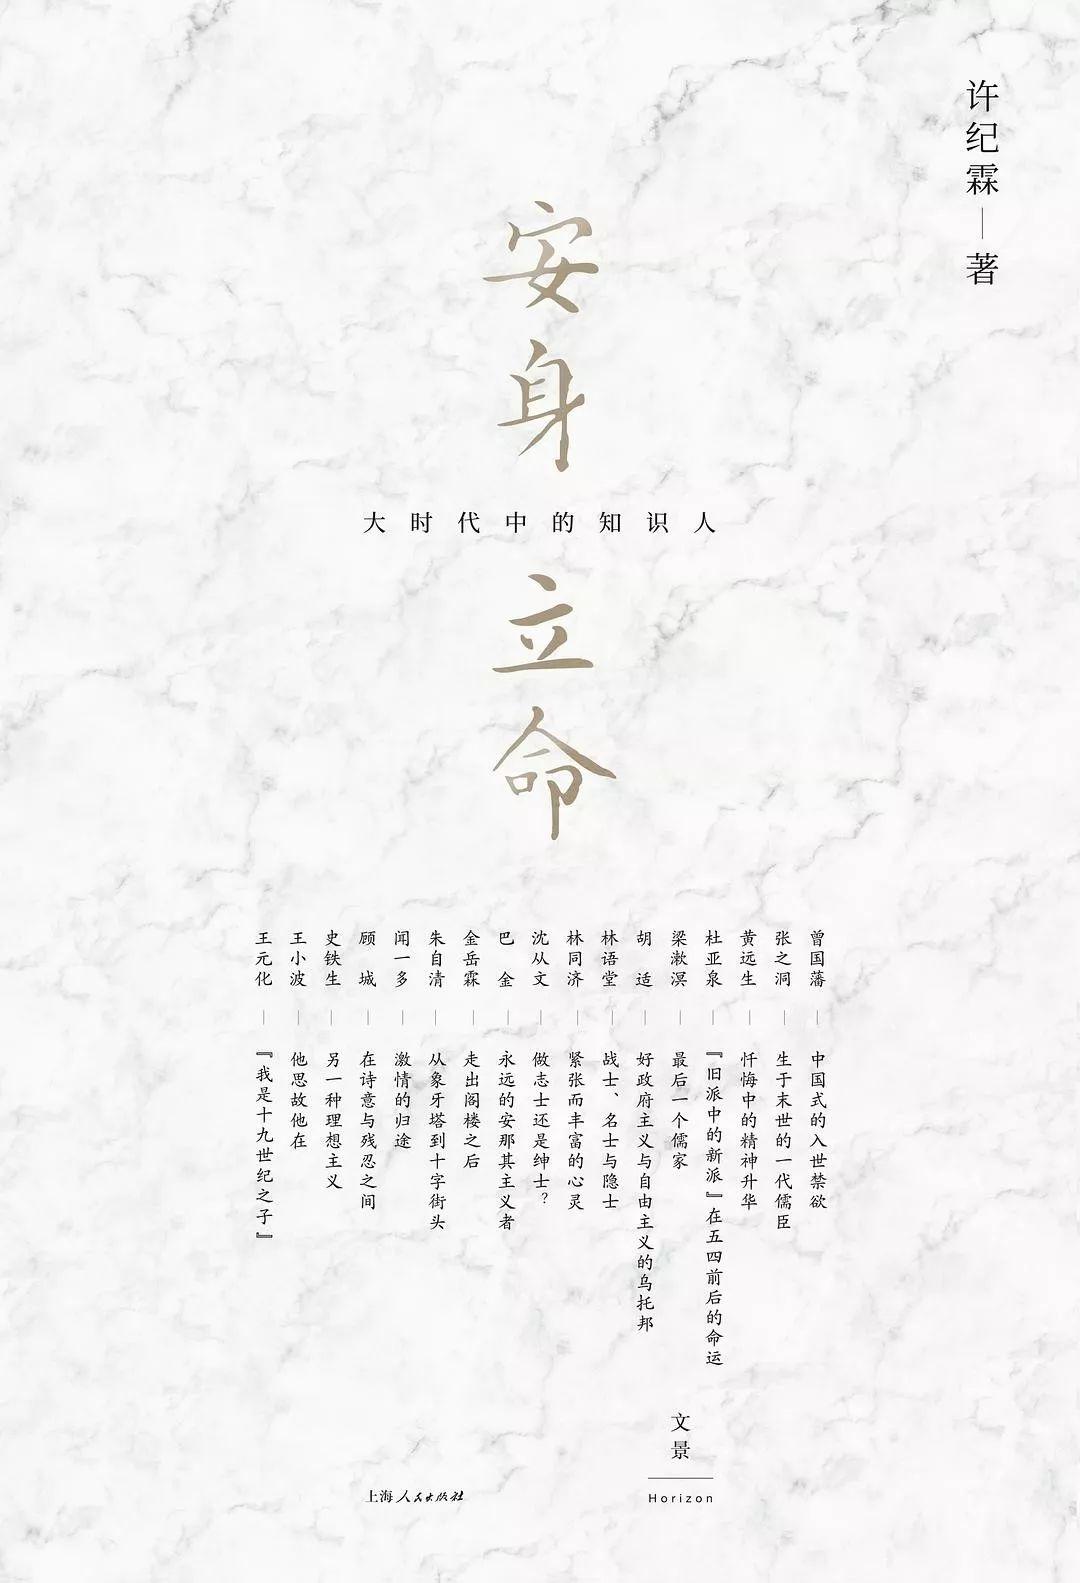 2019小说作家排行榜_2019小说红文畅销榜 言情小说排行榜